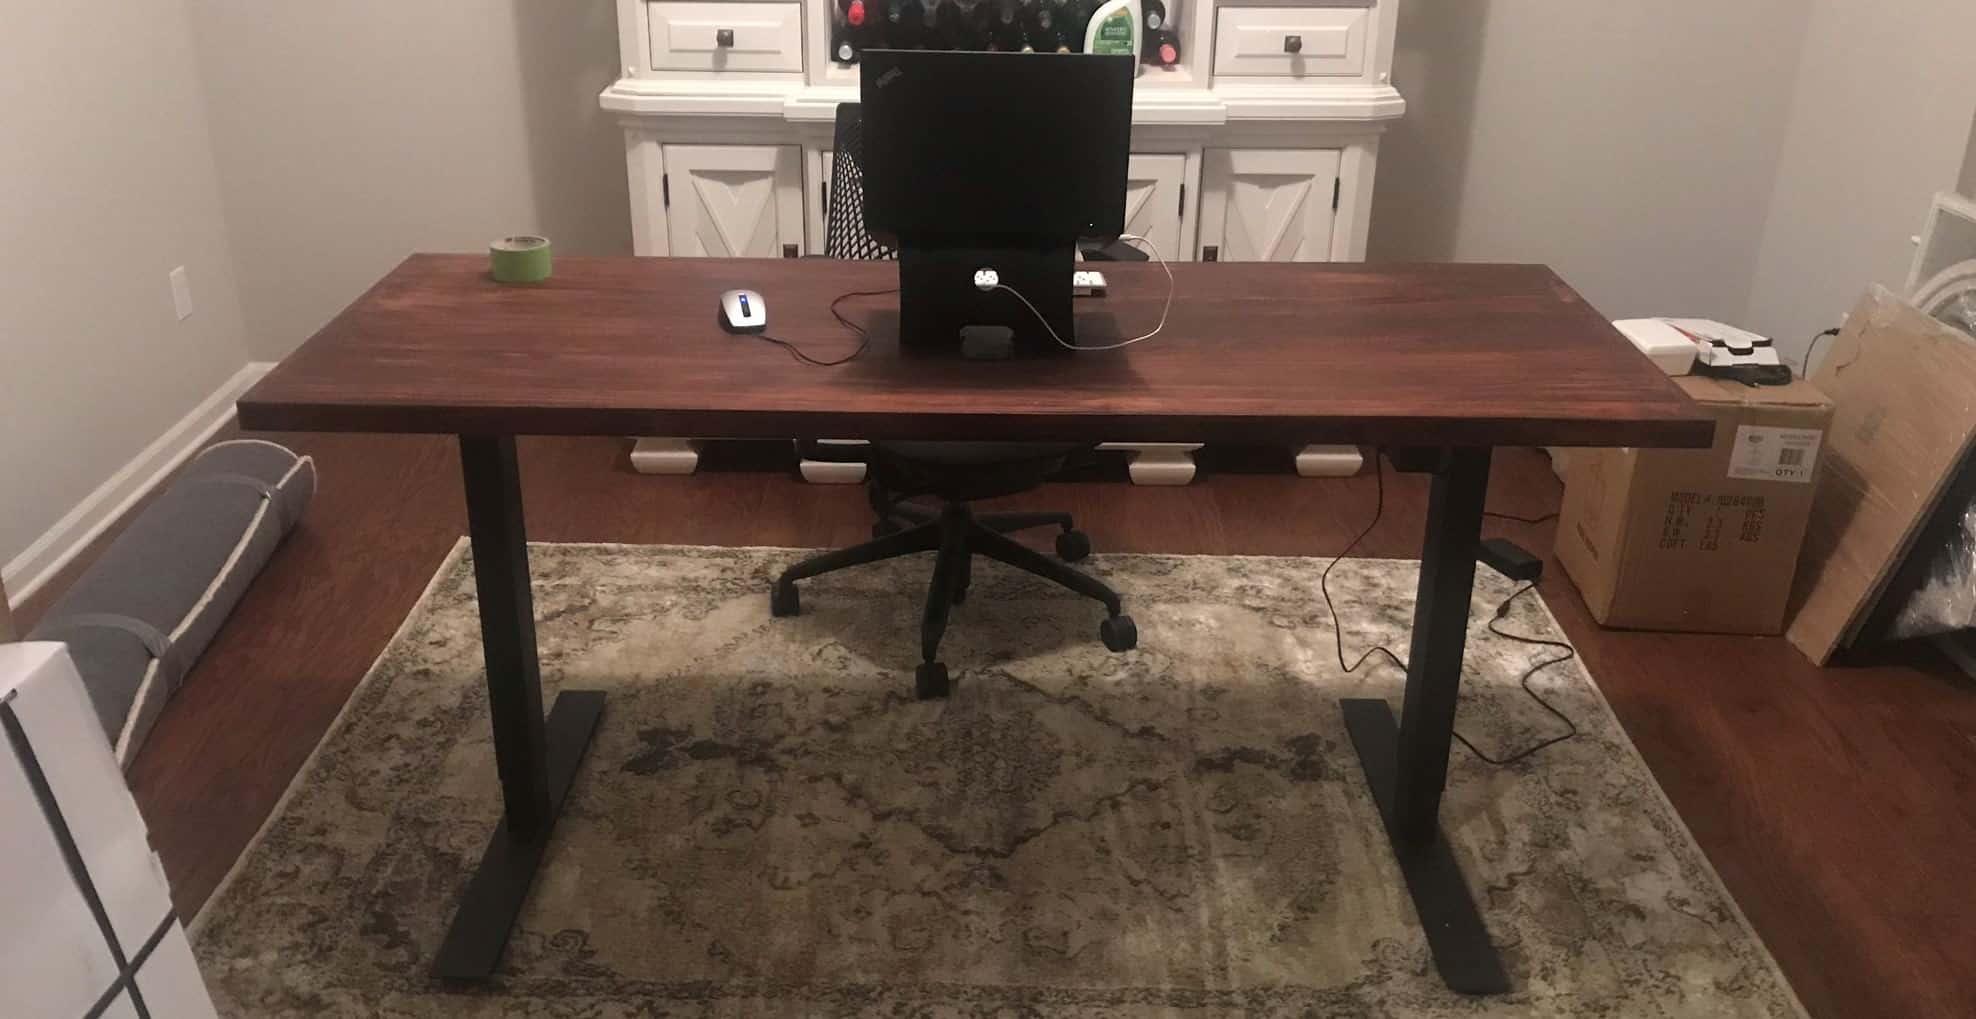 Finished result of DIY adjustable standing table desk